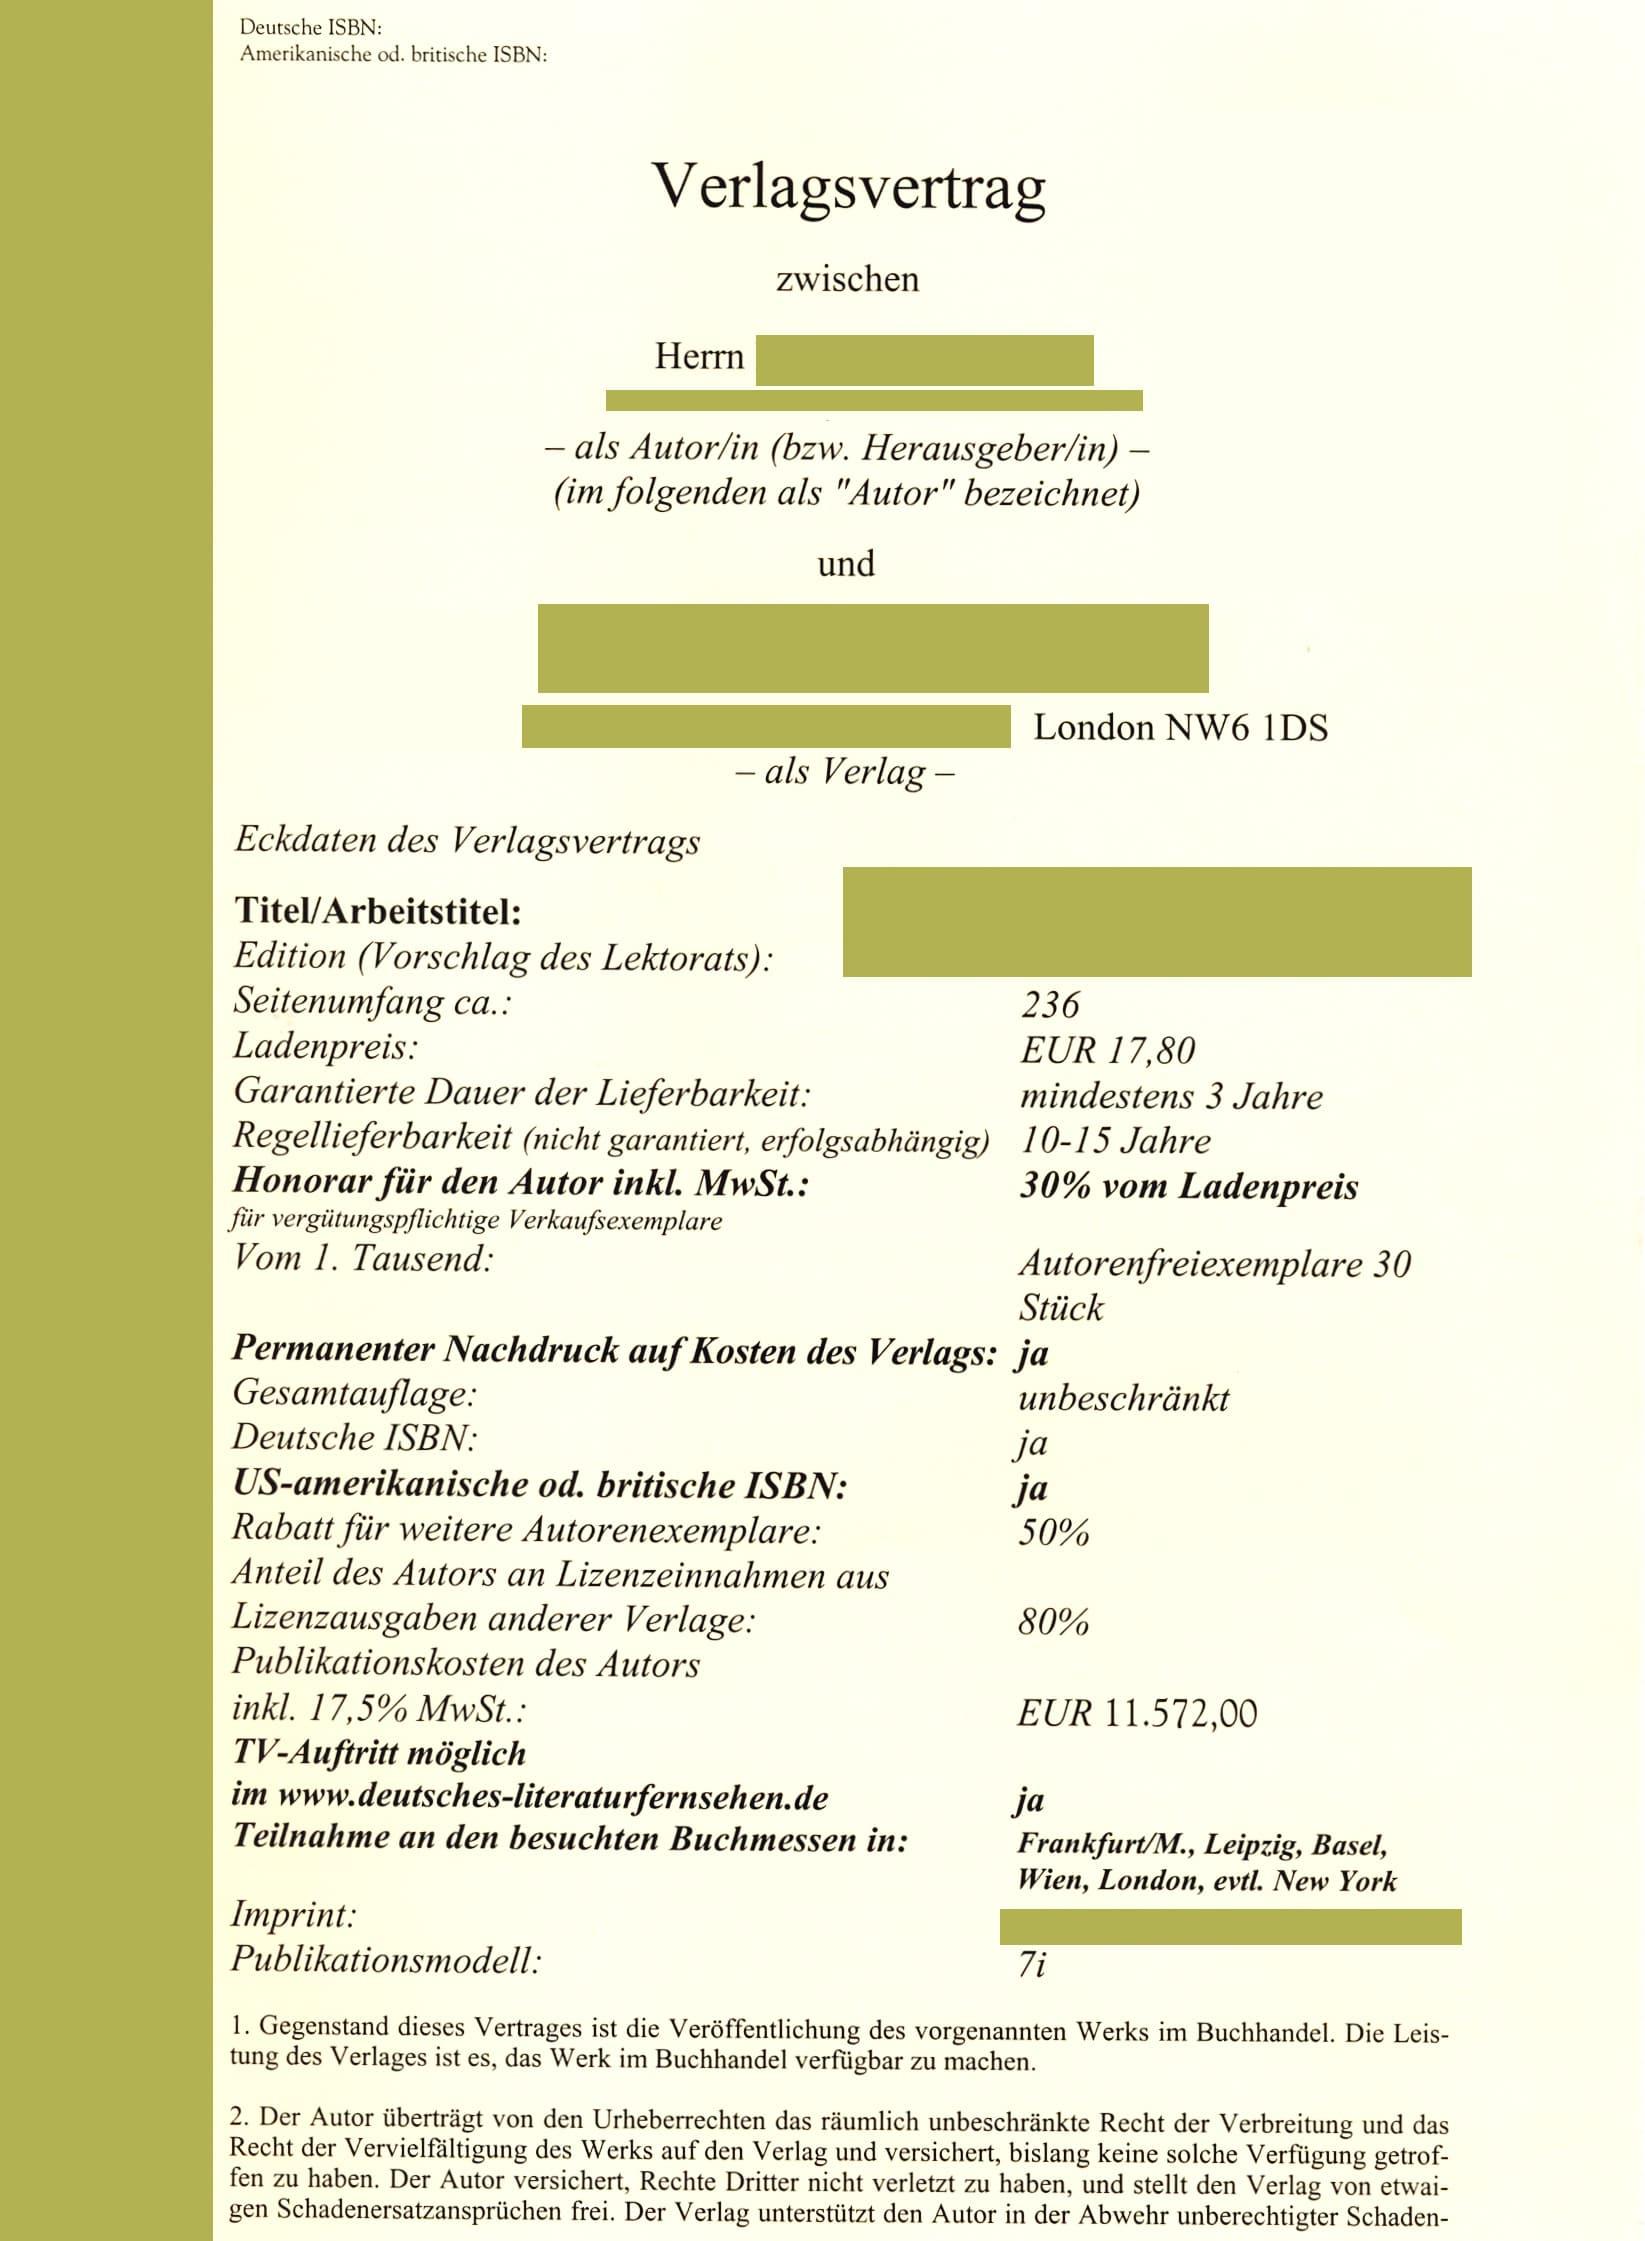 Zuschussverlage 2 Edition Blaes